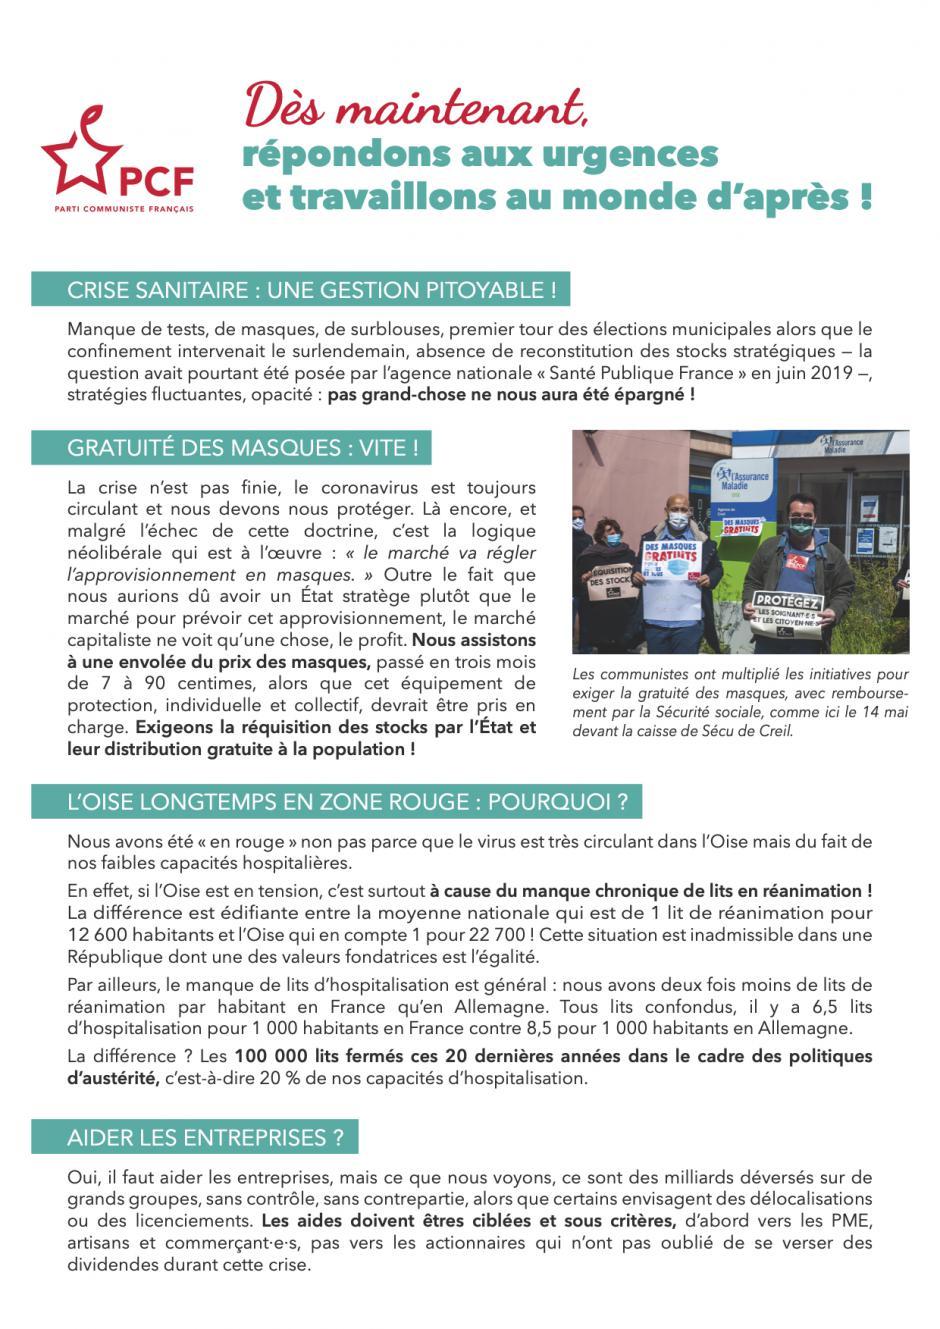 Tract « Dès maintenant, répondons aux urgences et travaillons au monde d'après » - PCF Oise et sections, juin 2020